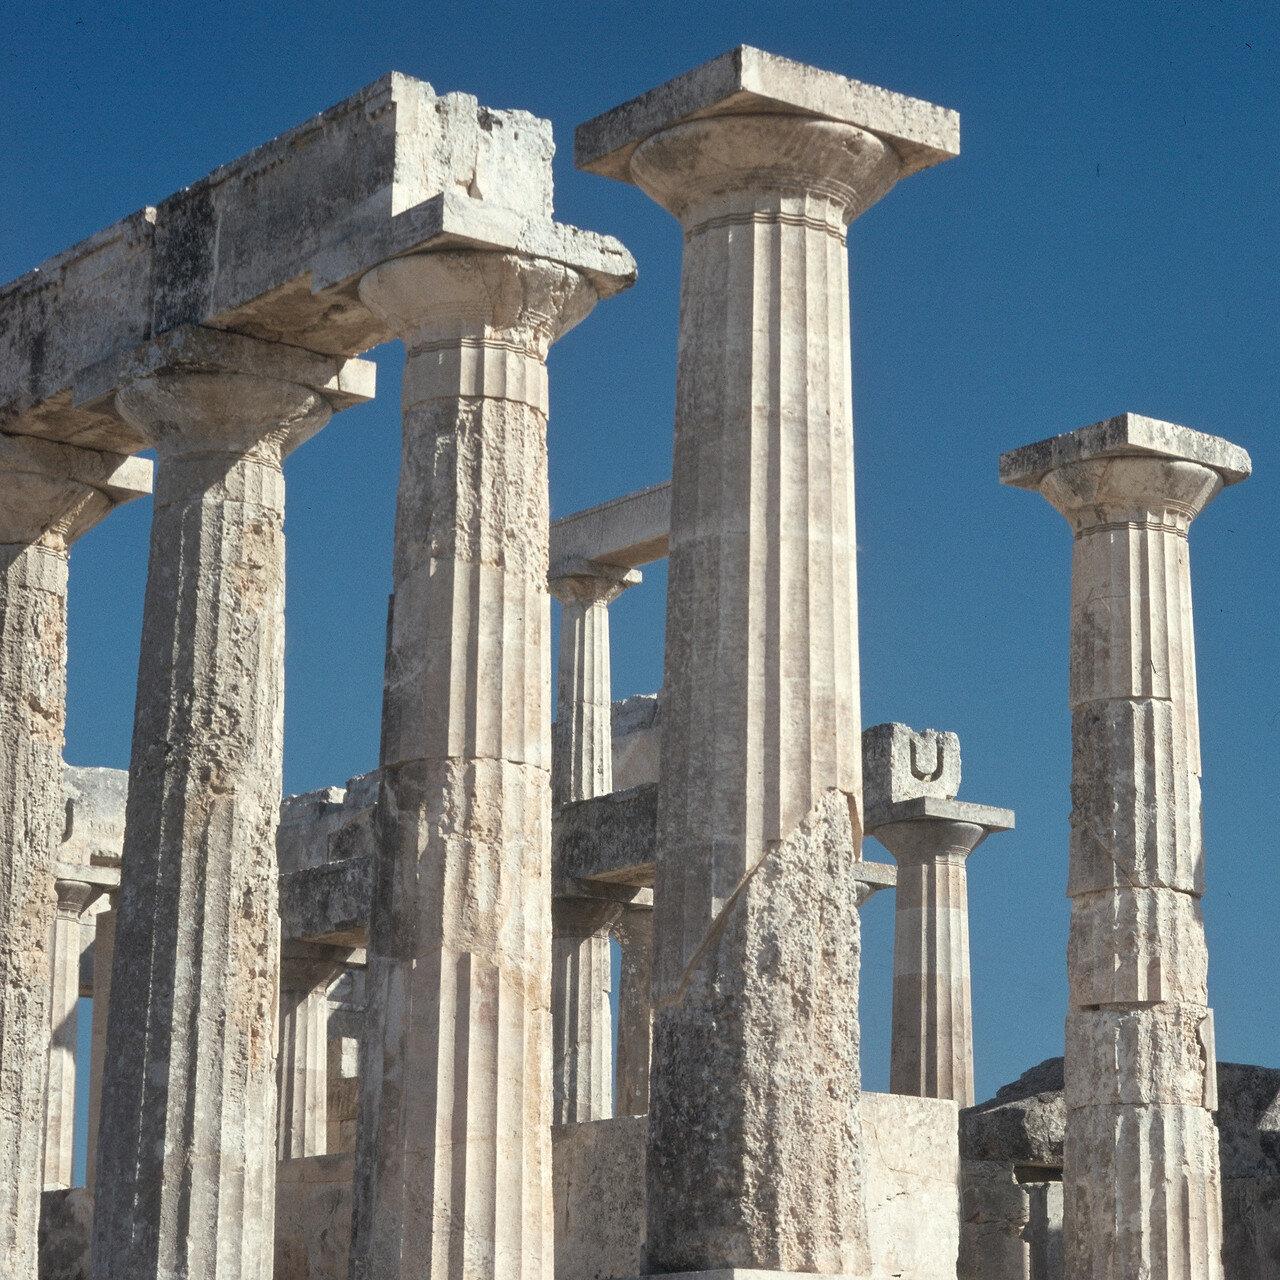 14. Вместе с храмом Зевса в Олимпии храм Афины на о. Эгине относится к числу немногих, сохранивших некоторые черты, указывающие на существование деревянных галерей над боковыми нефами. На снимке: колонны длинной северной стороны храма